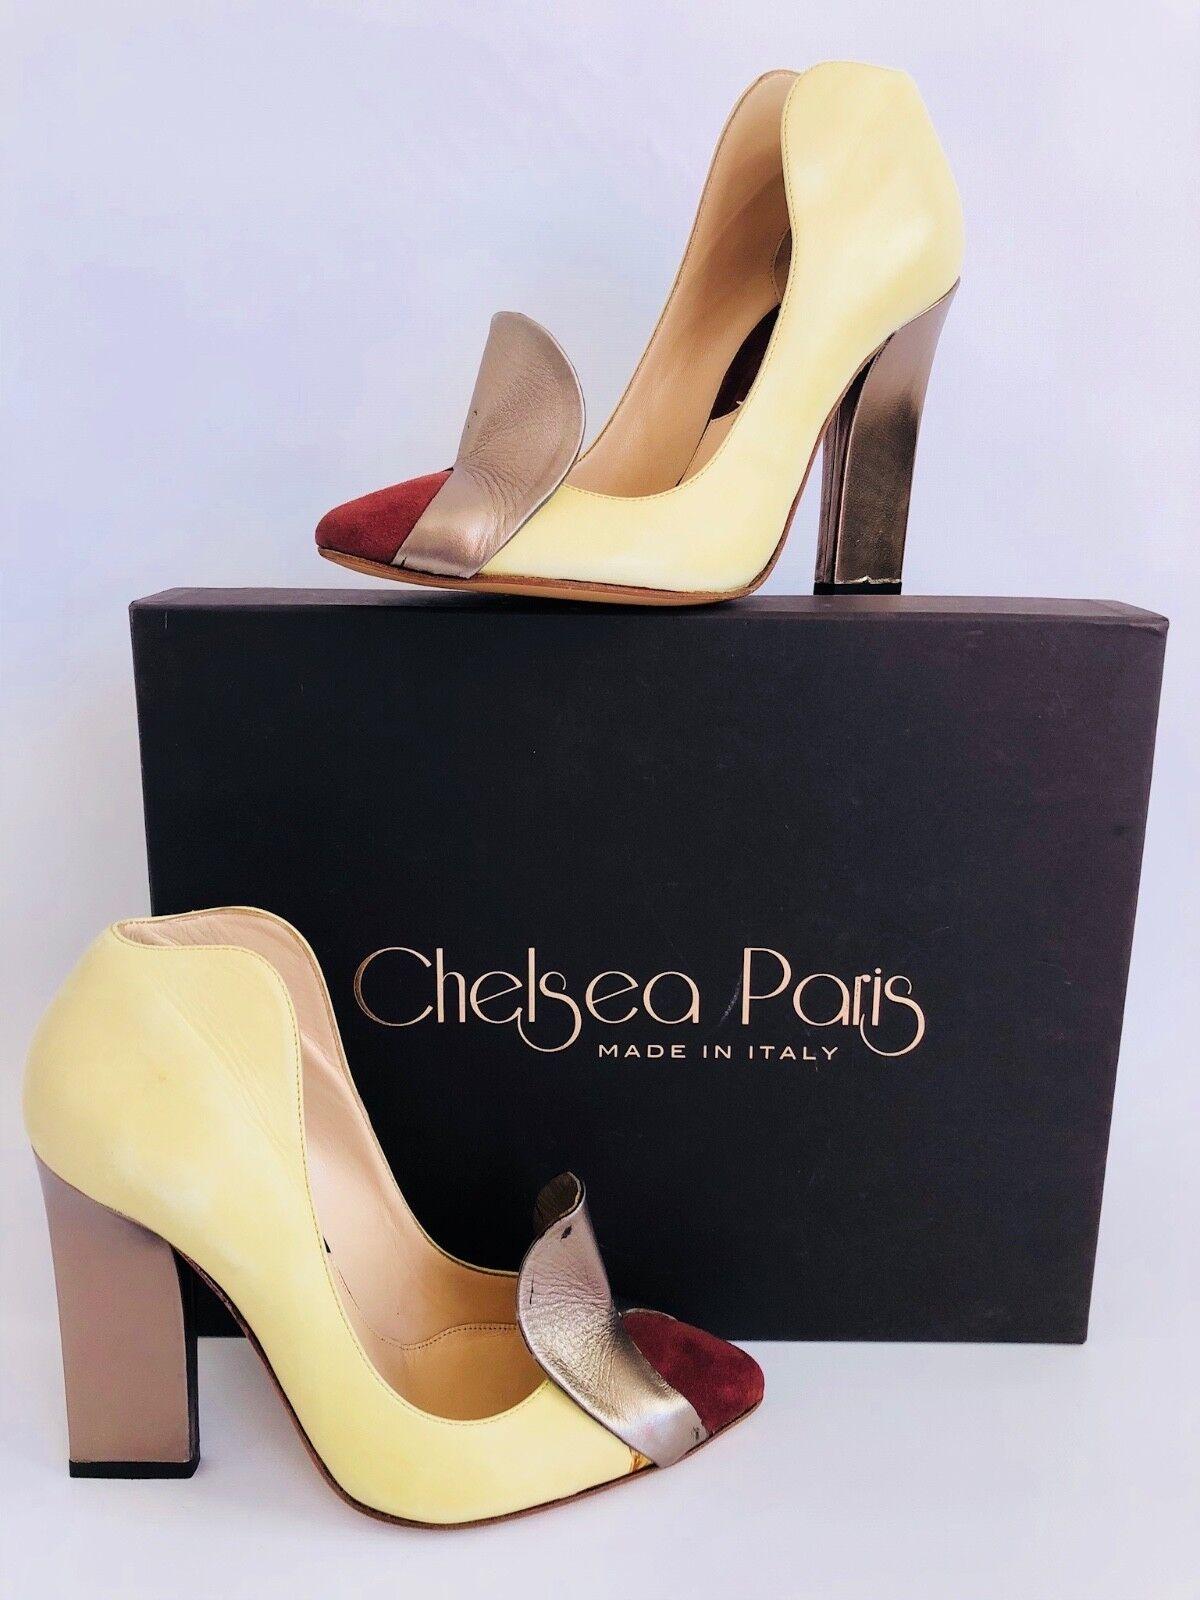 Vintage INSPIRED Chelsea Paris Cutout ART DECO Pump LEMON LIME Leather 37 6.5